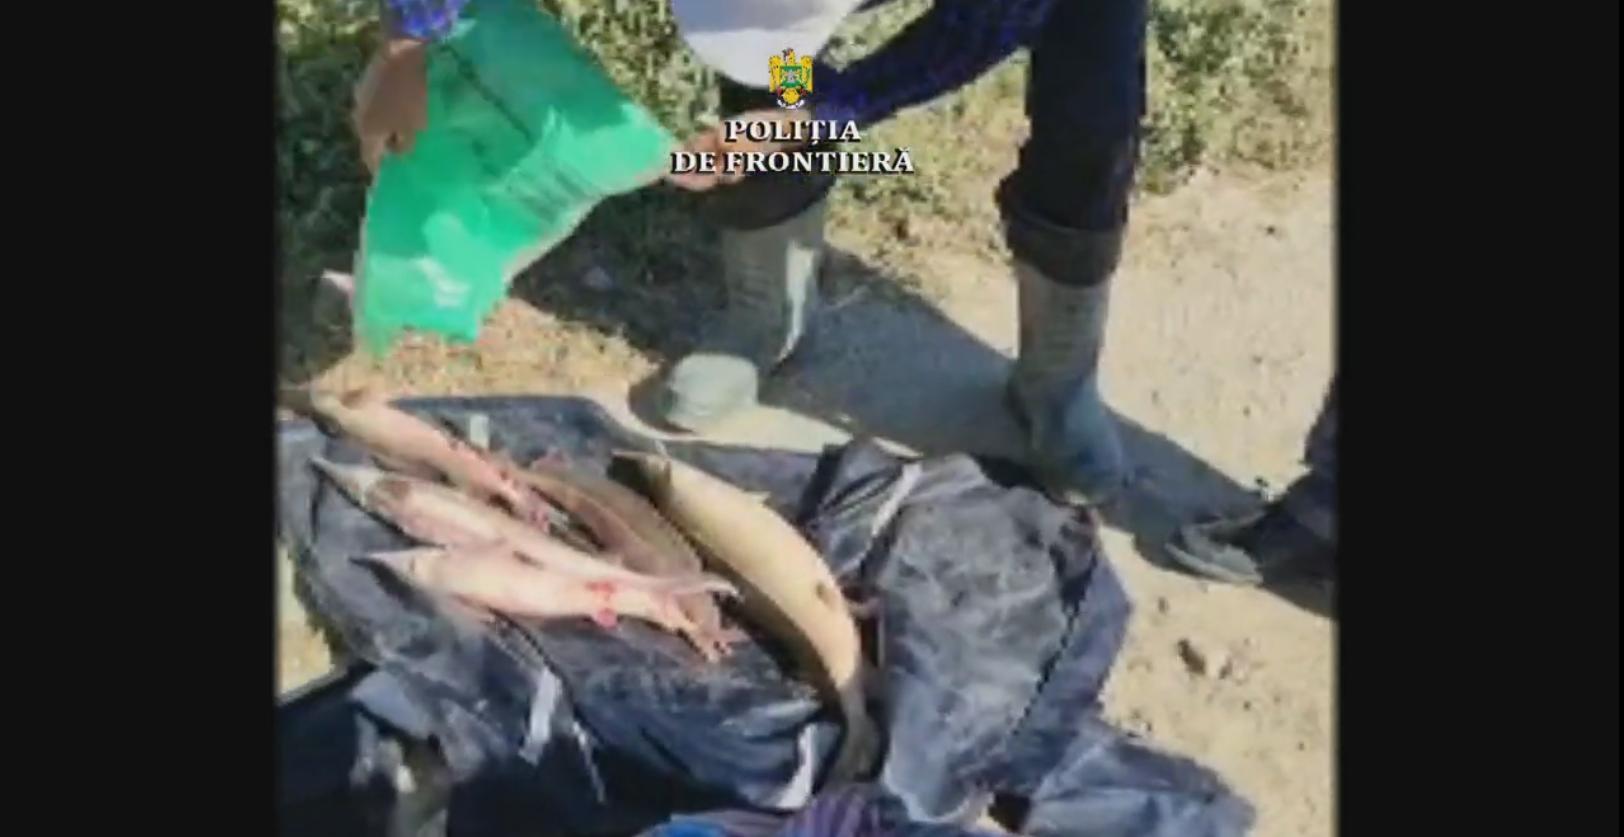 Braconieri tulceni, depistați de polițiști, au aruncat din mașină 5 exemplare de sturion